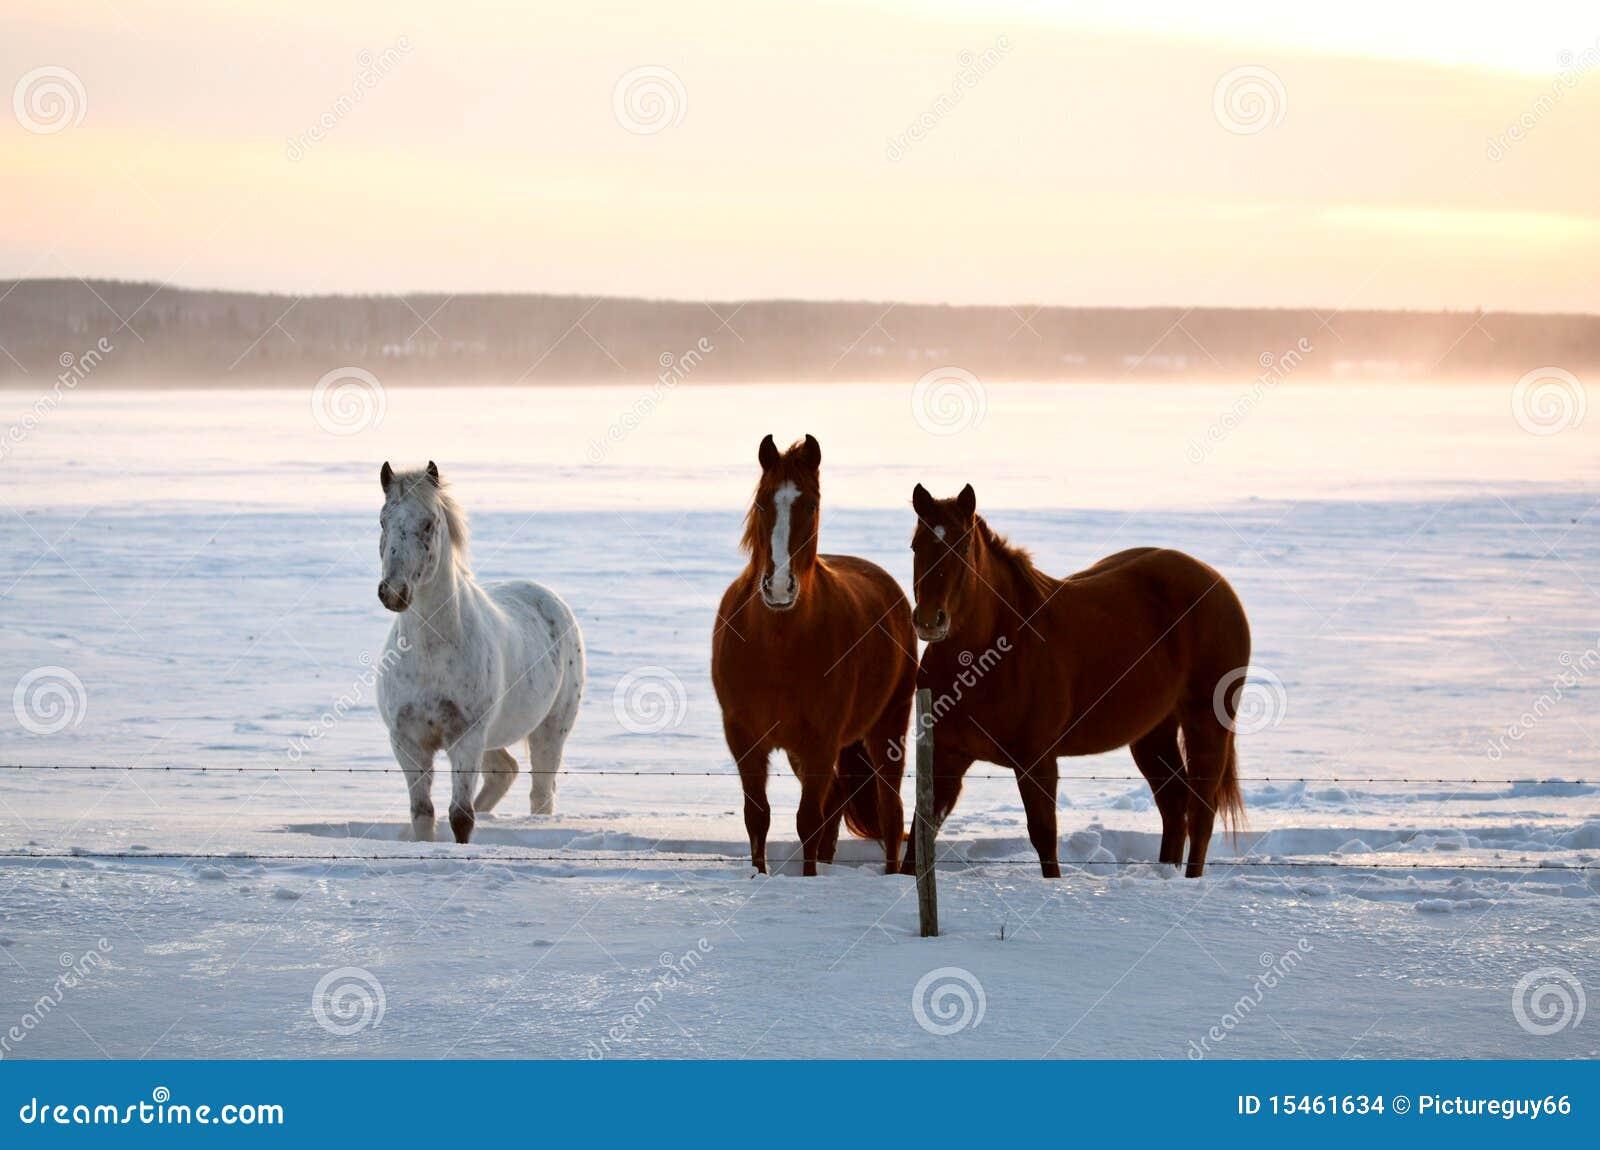 Horses in a Saskatchewan winter pasture